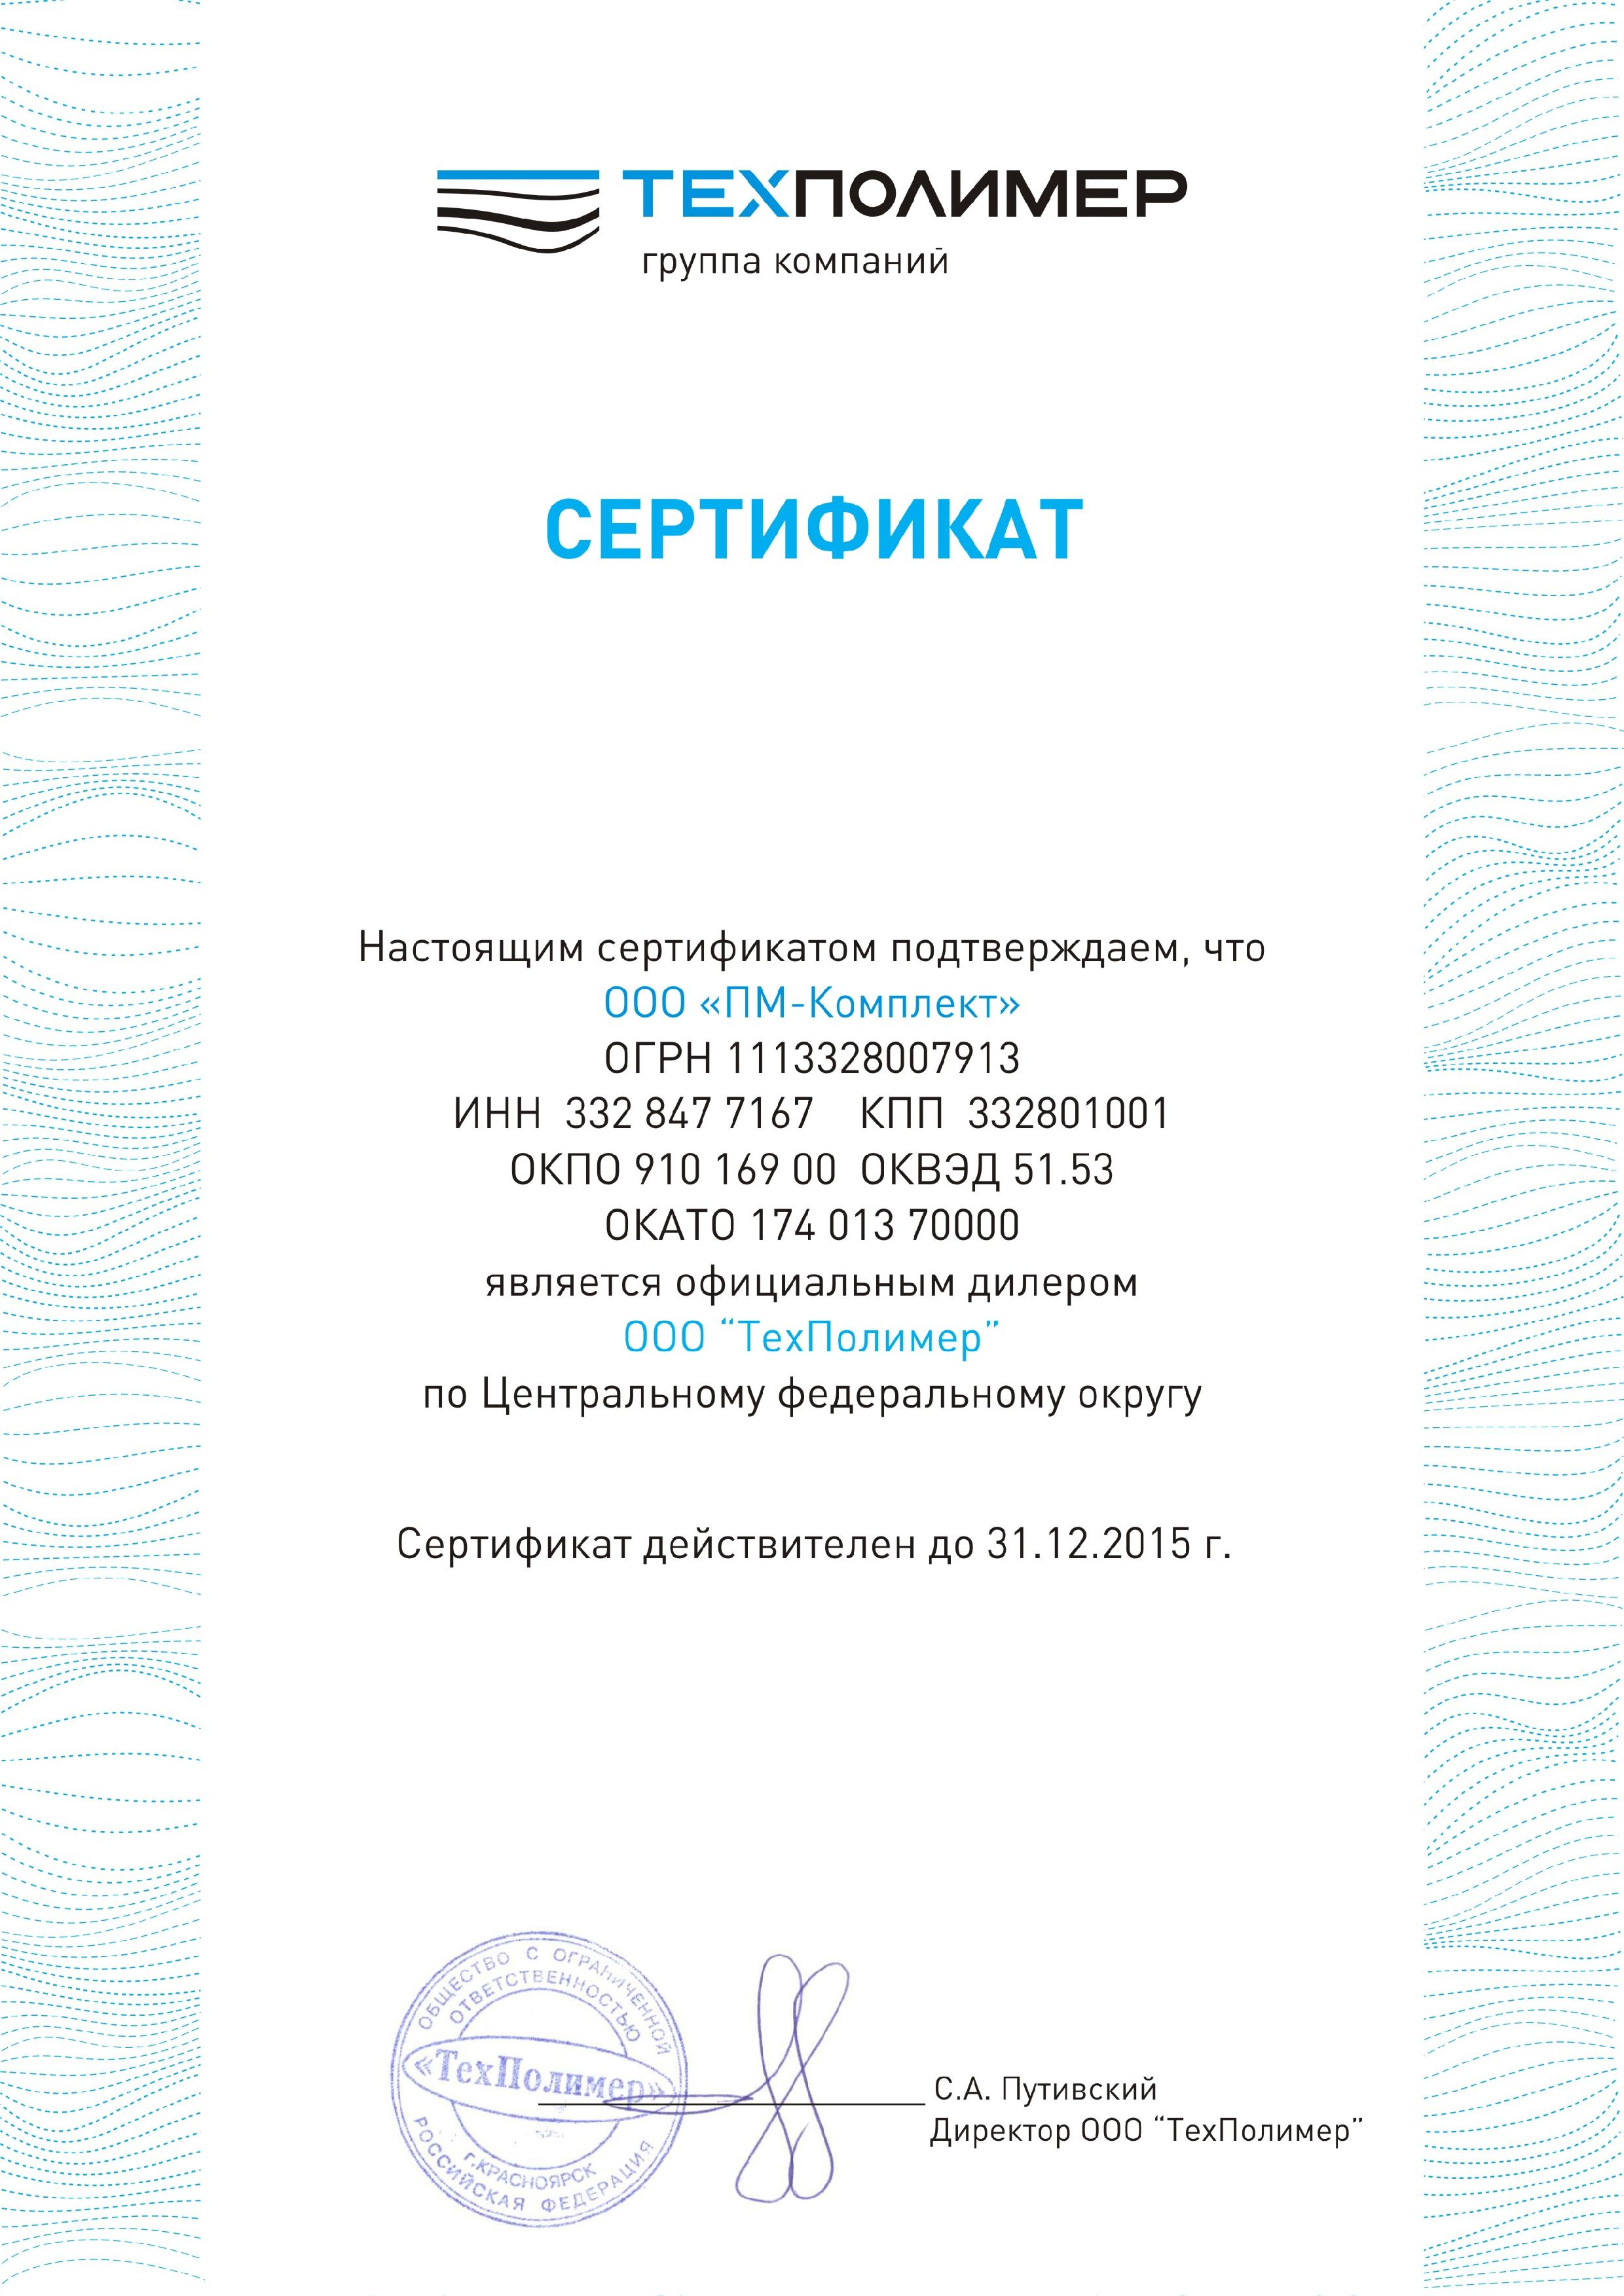 sertifikat-dilera-tehpolimerapdf